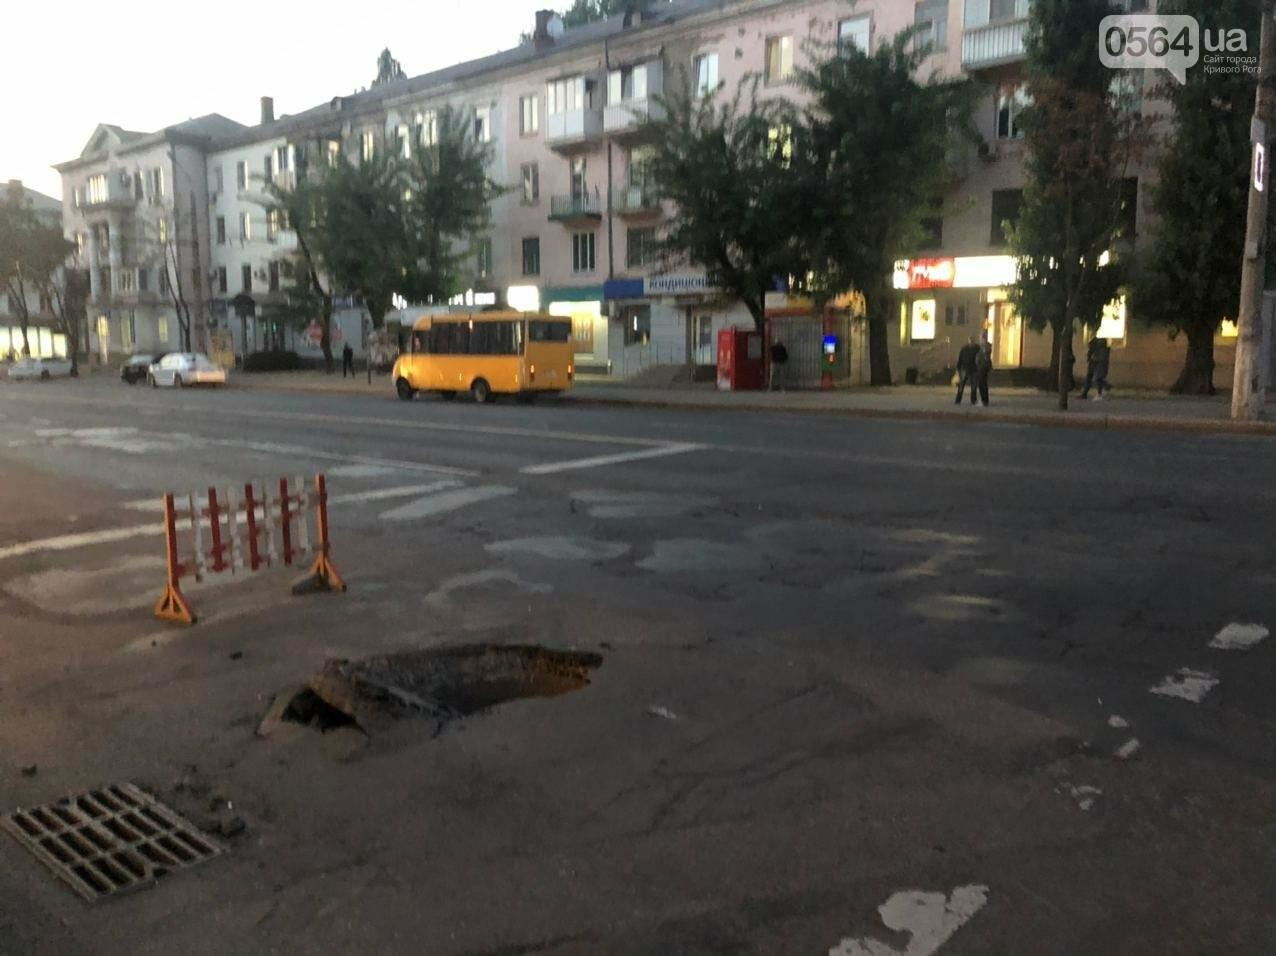 В центре Кривого Рога на дороге провалился асфальт, - ФОТО , фото-2